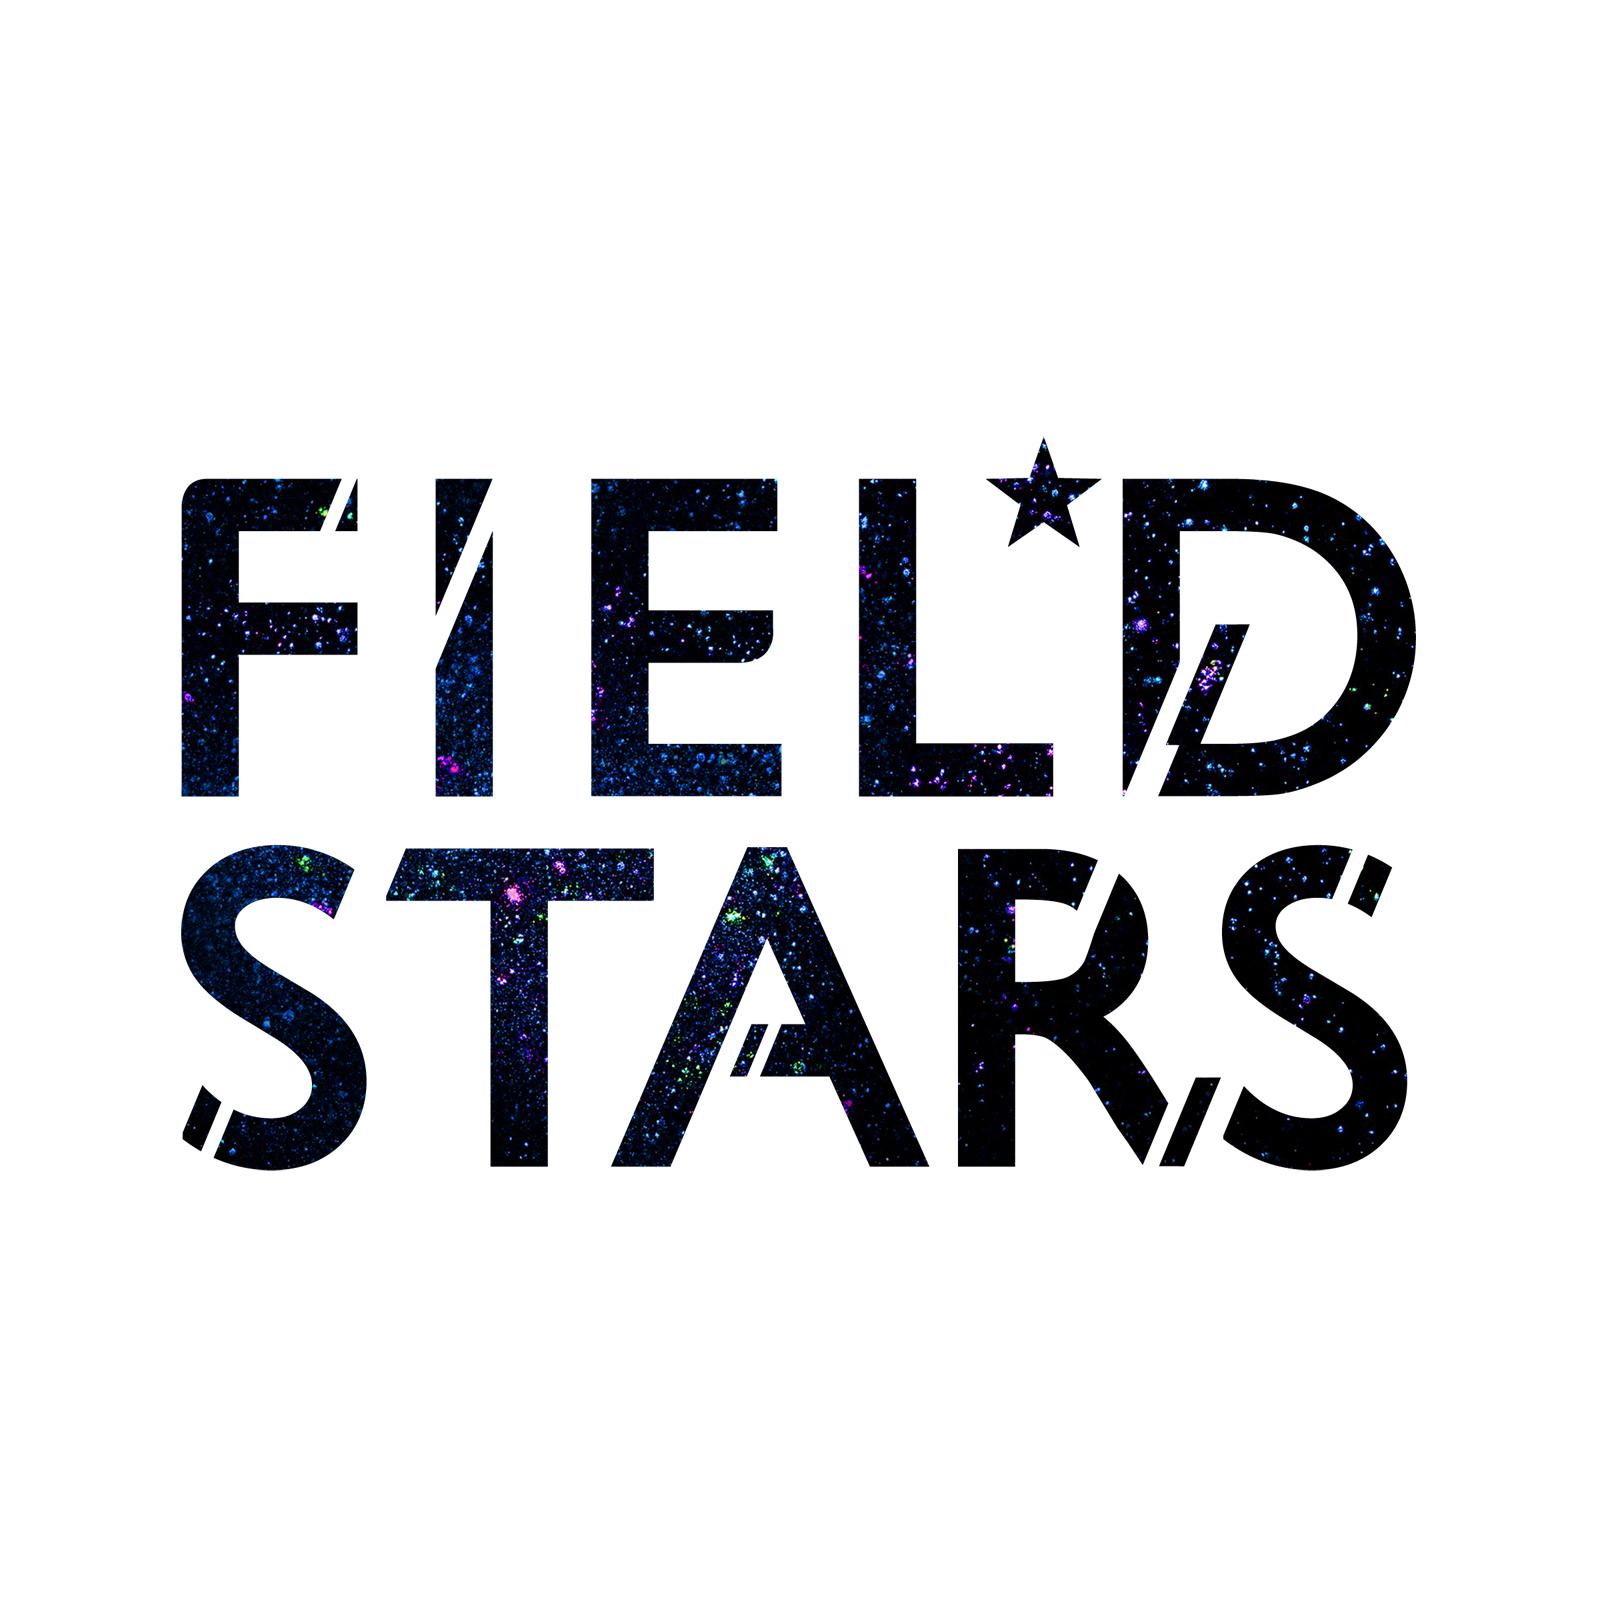 Field Stars